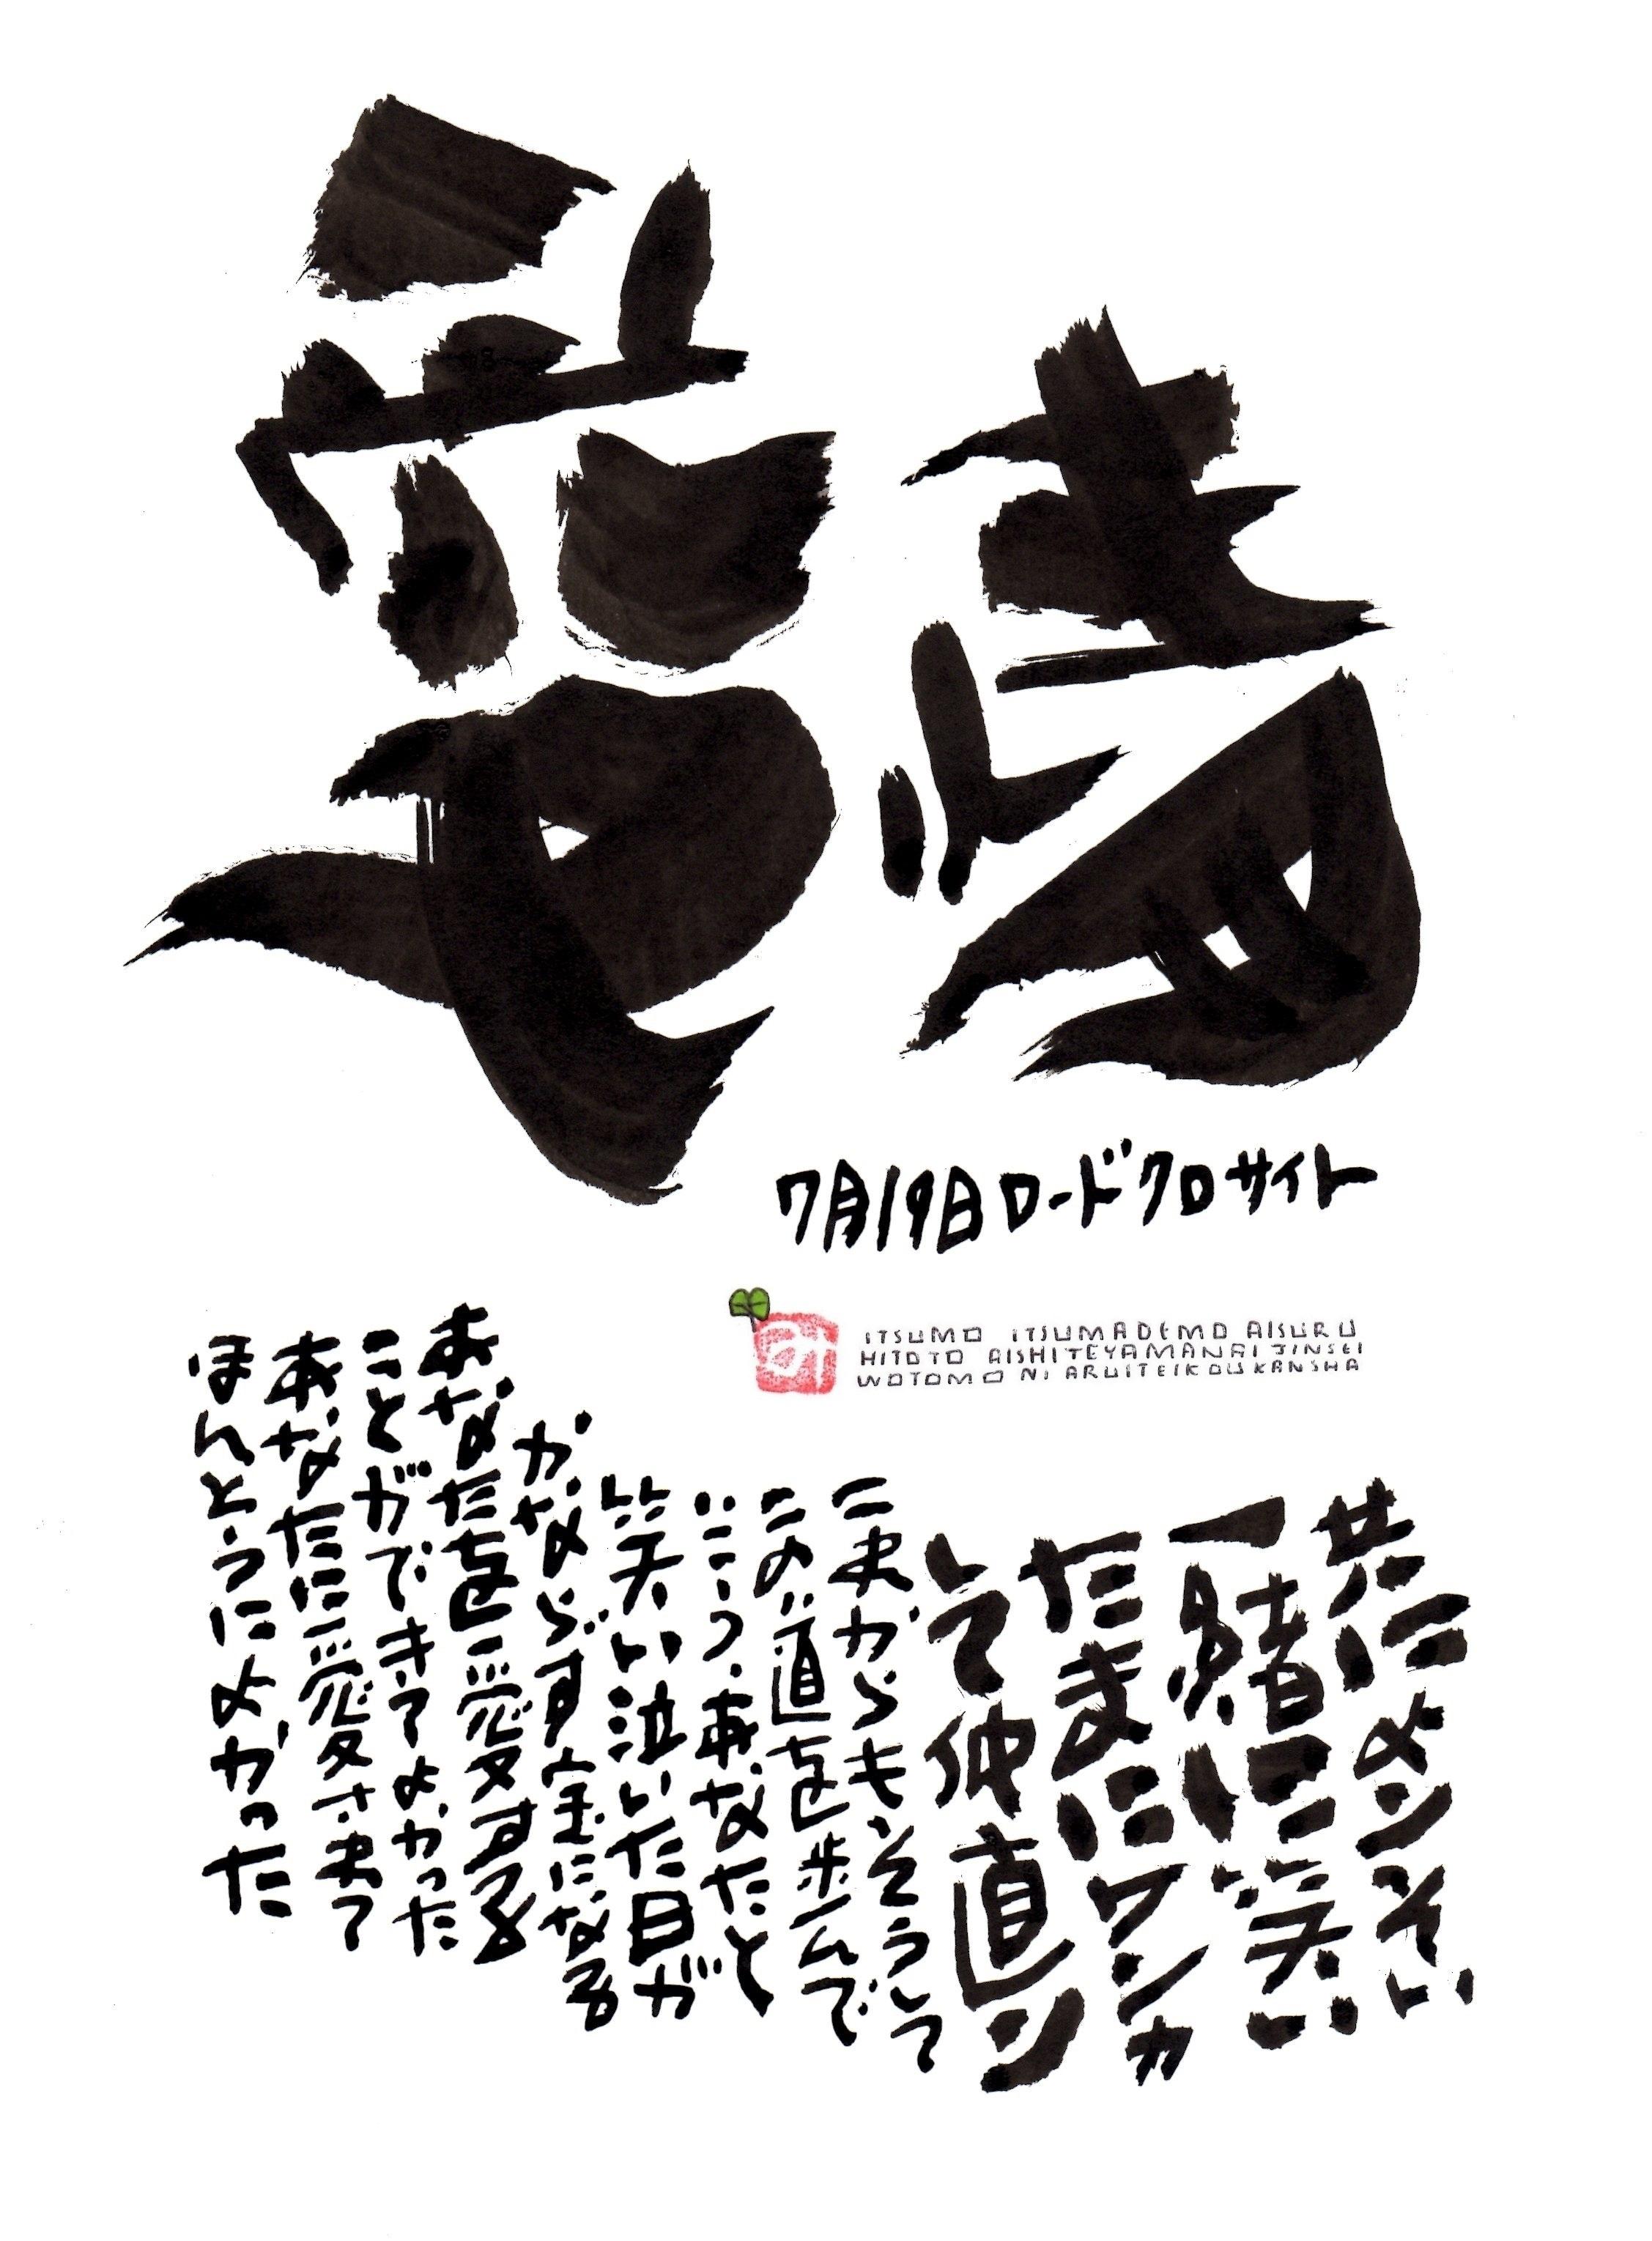 7月19日 結婚記念日ポストカード【愛情】